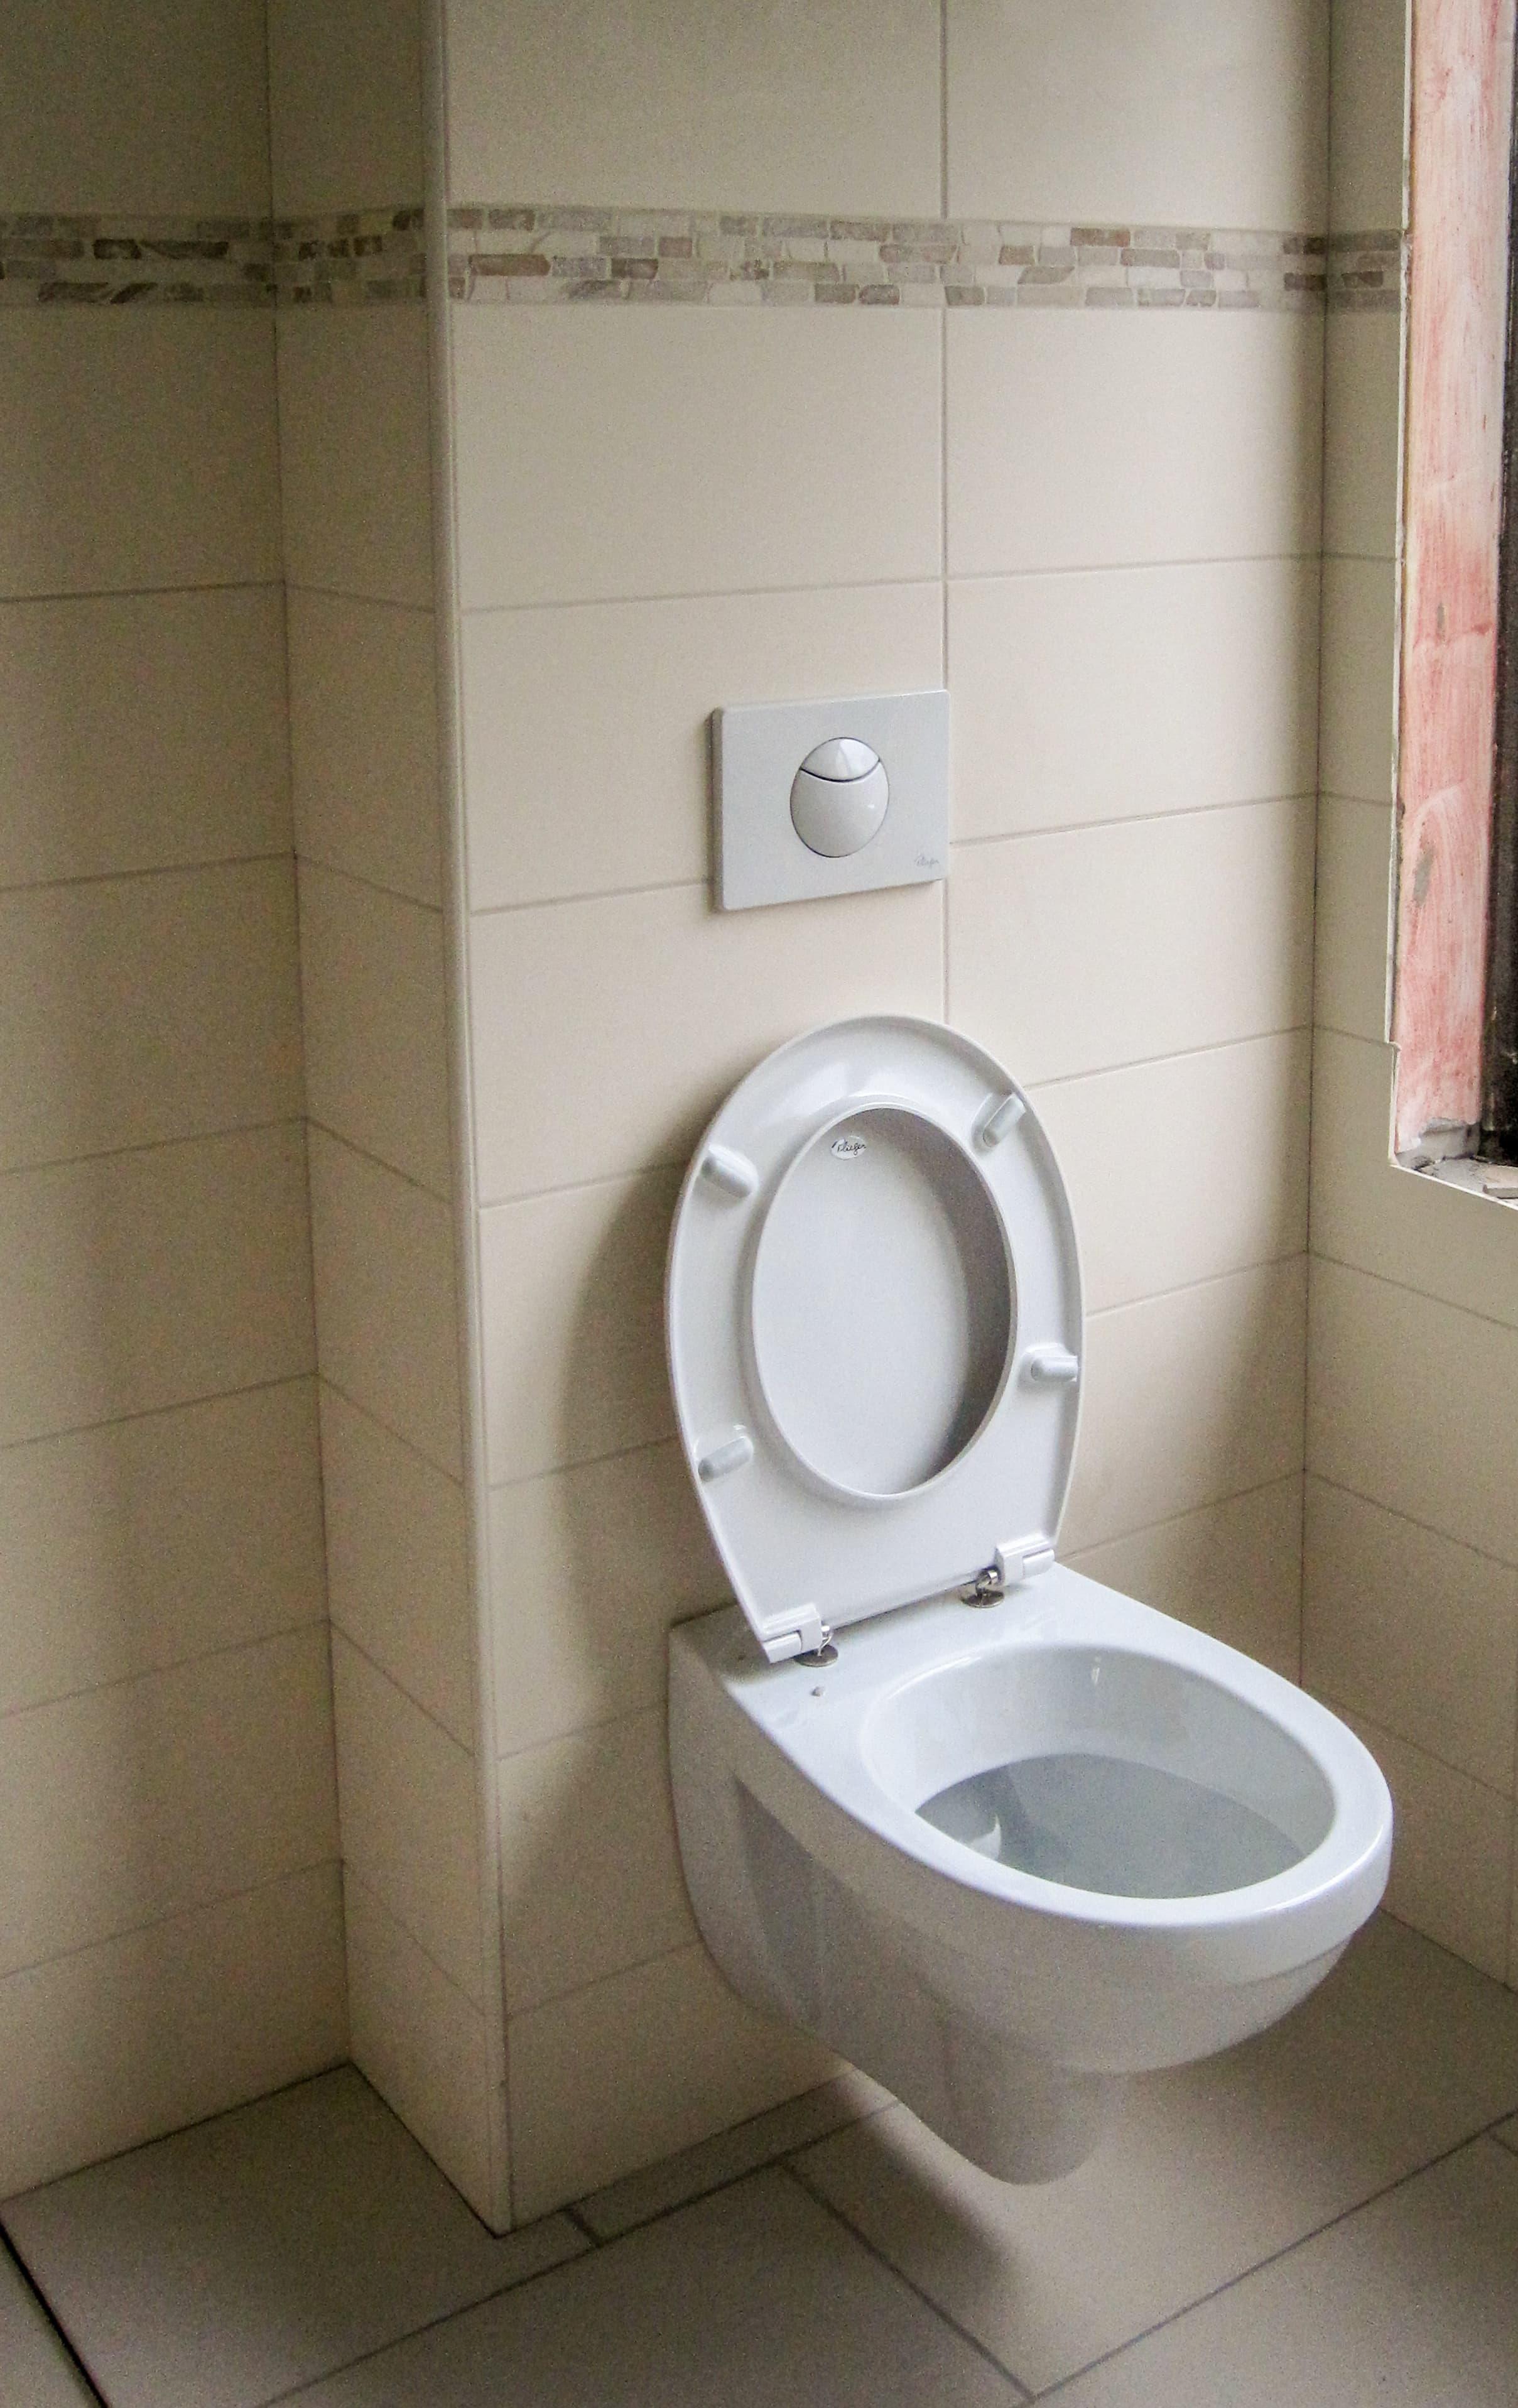 Tegelwerk, badkamers en sanitair aanpassingen of verbouwingen.